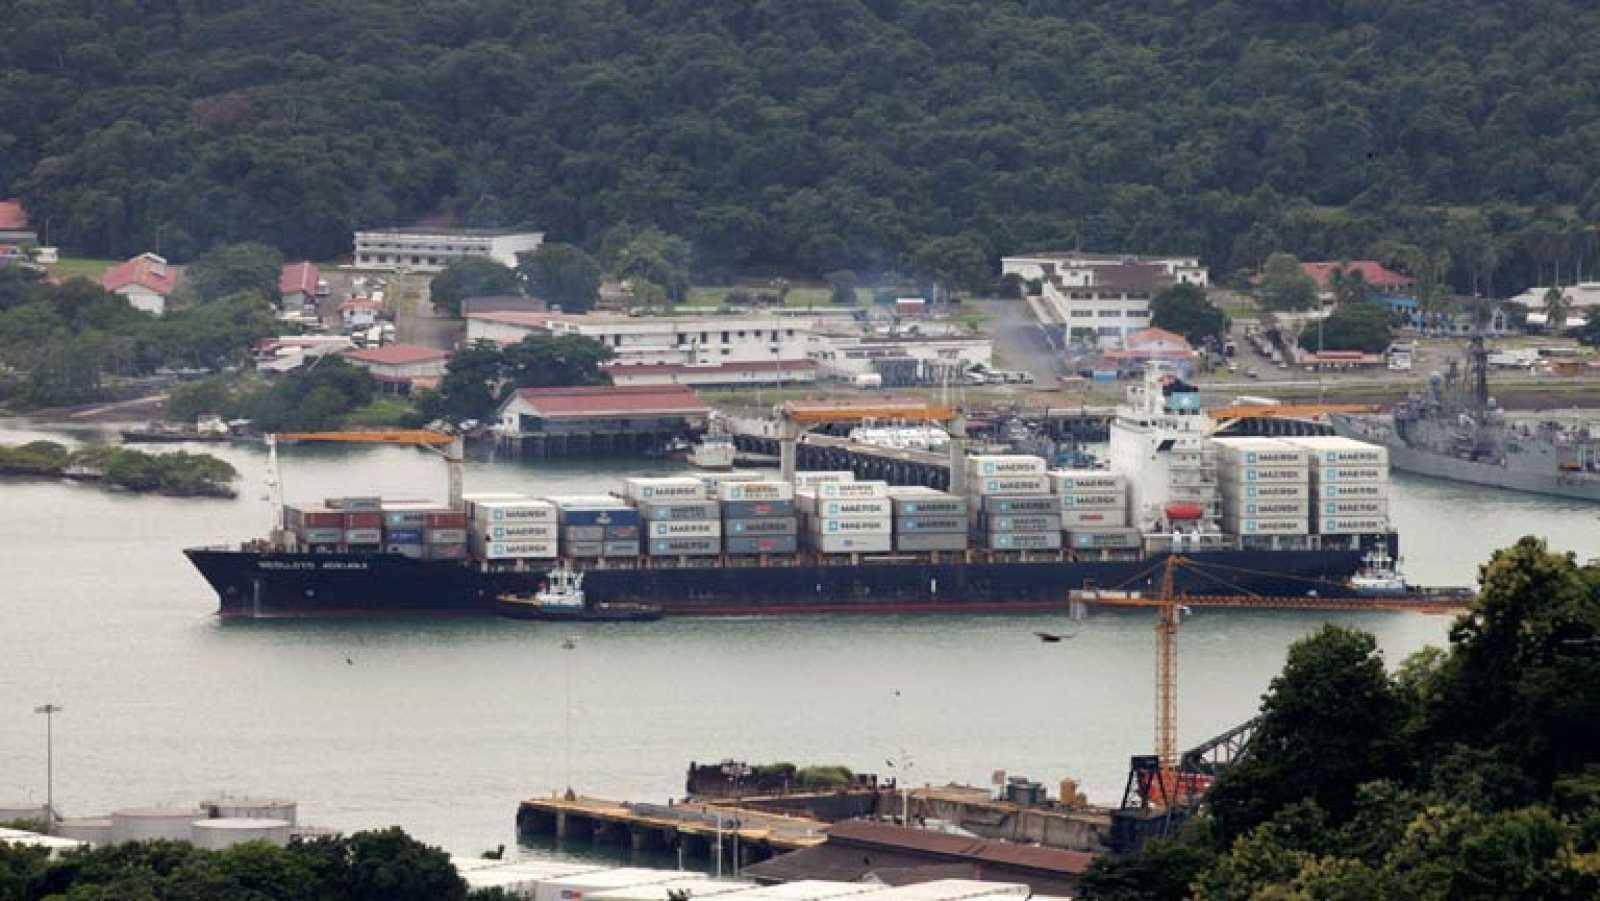 Se cumplen 100 años de la inauguración del Canal de Panamá